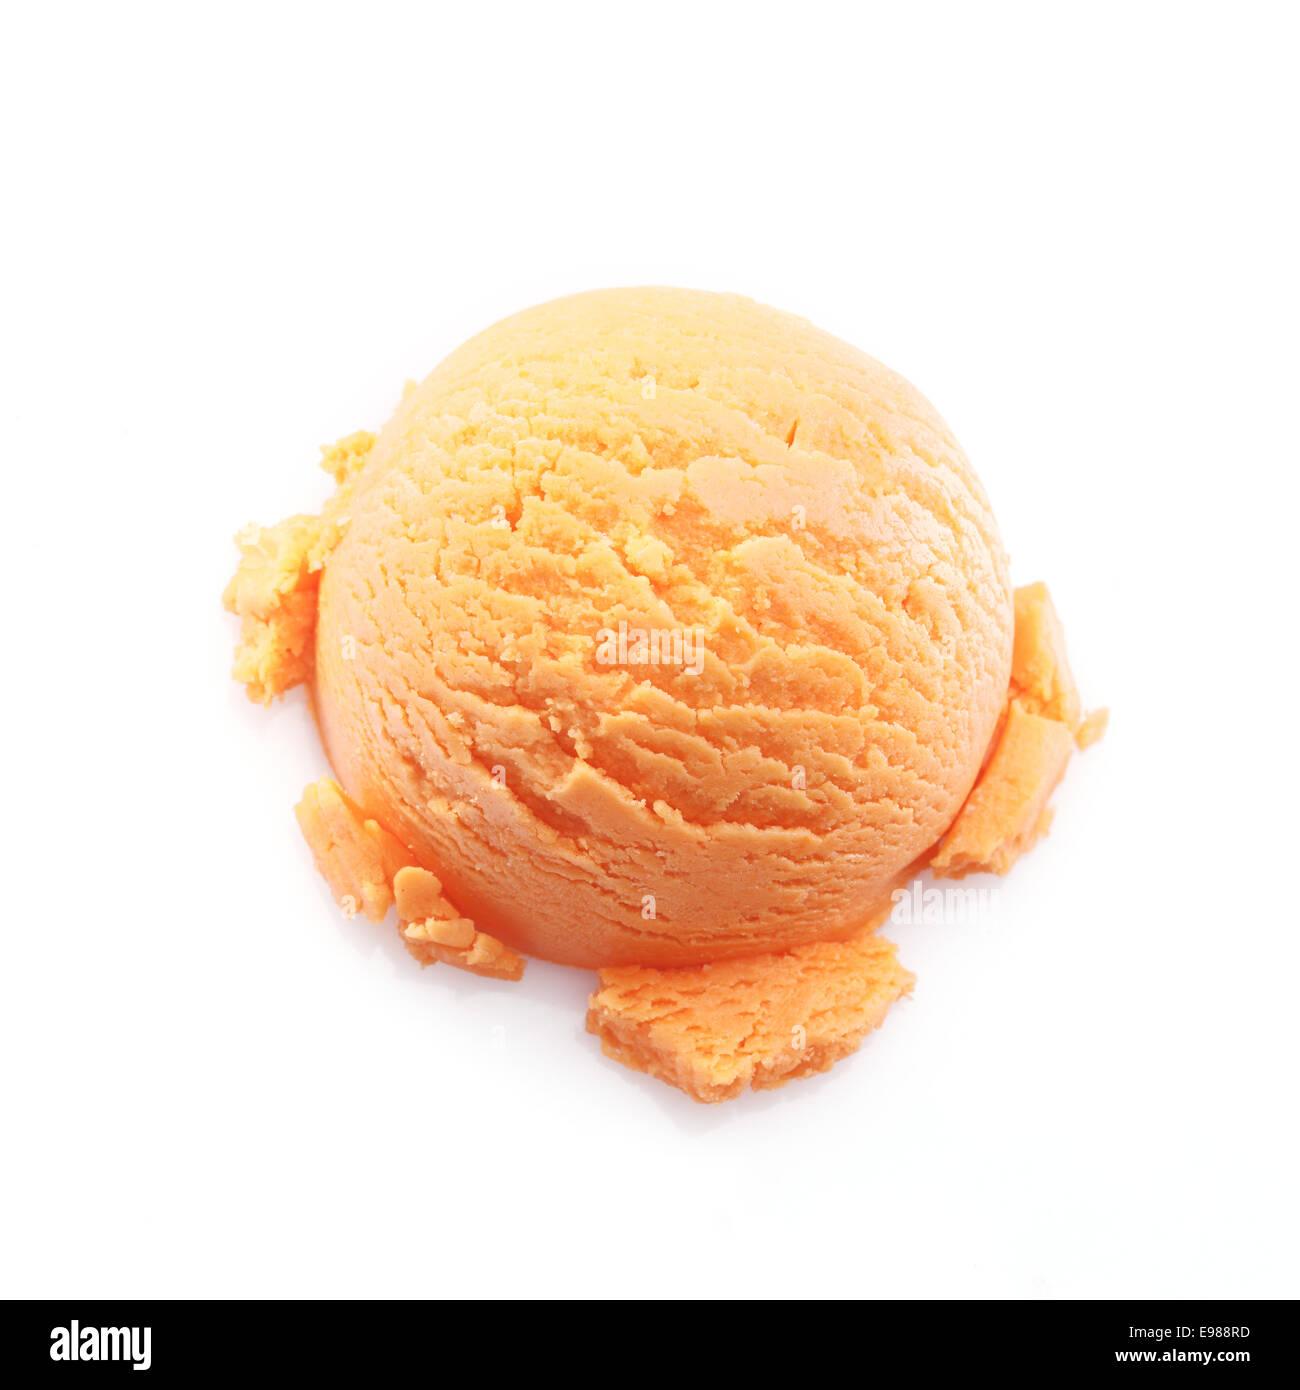 High angle view sur une boule de glace à la mangue isolé sur fond blanc Photo Stock